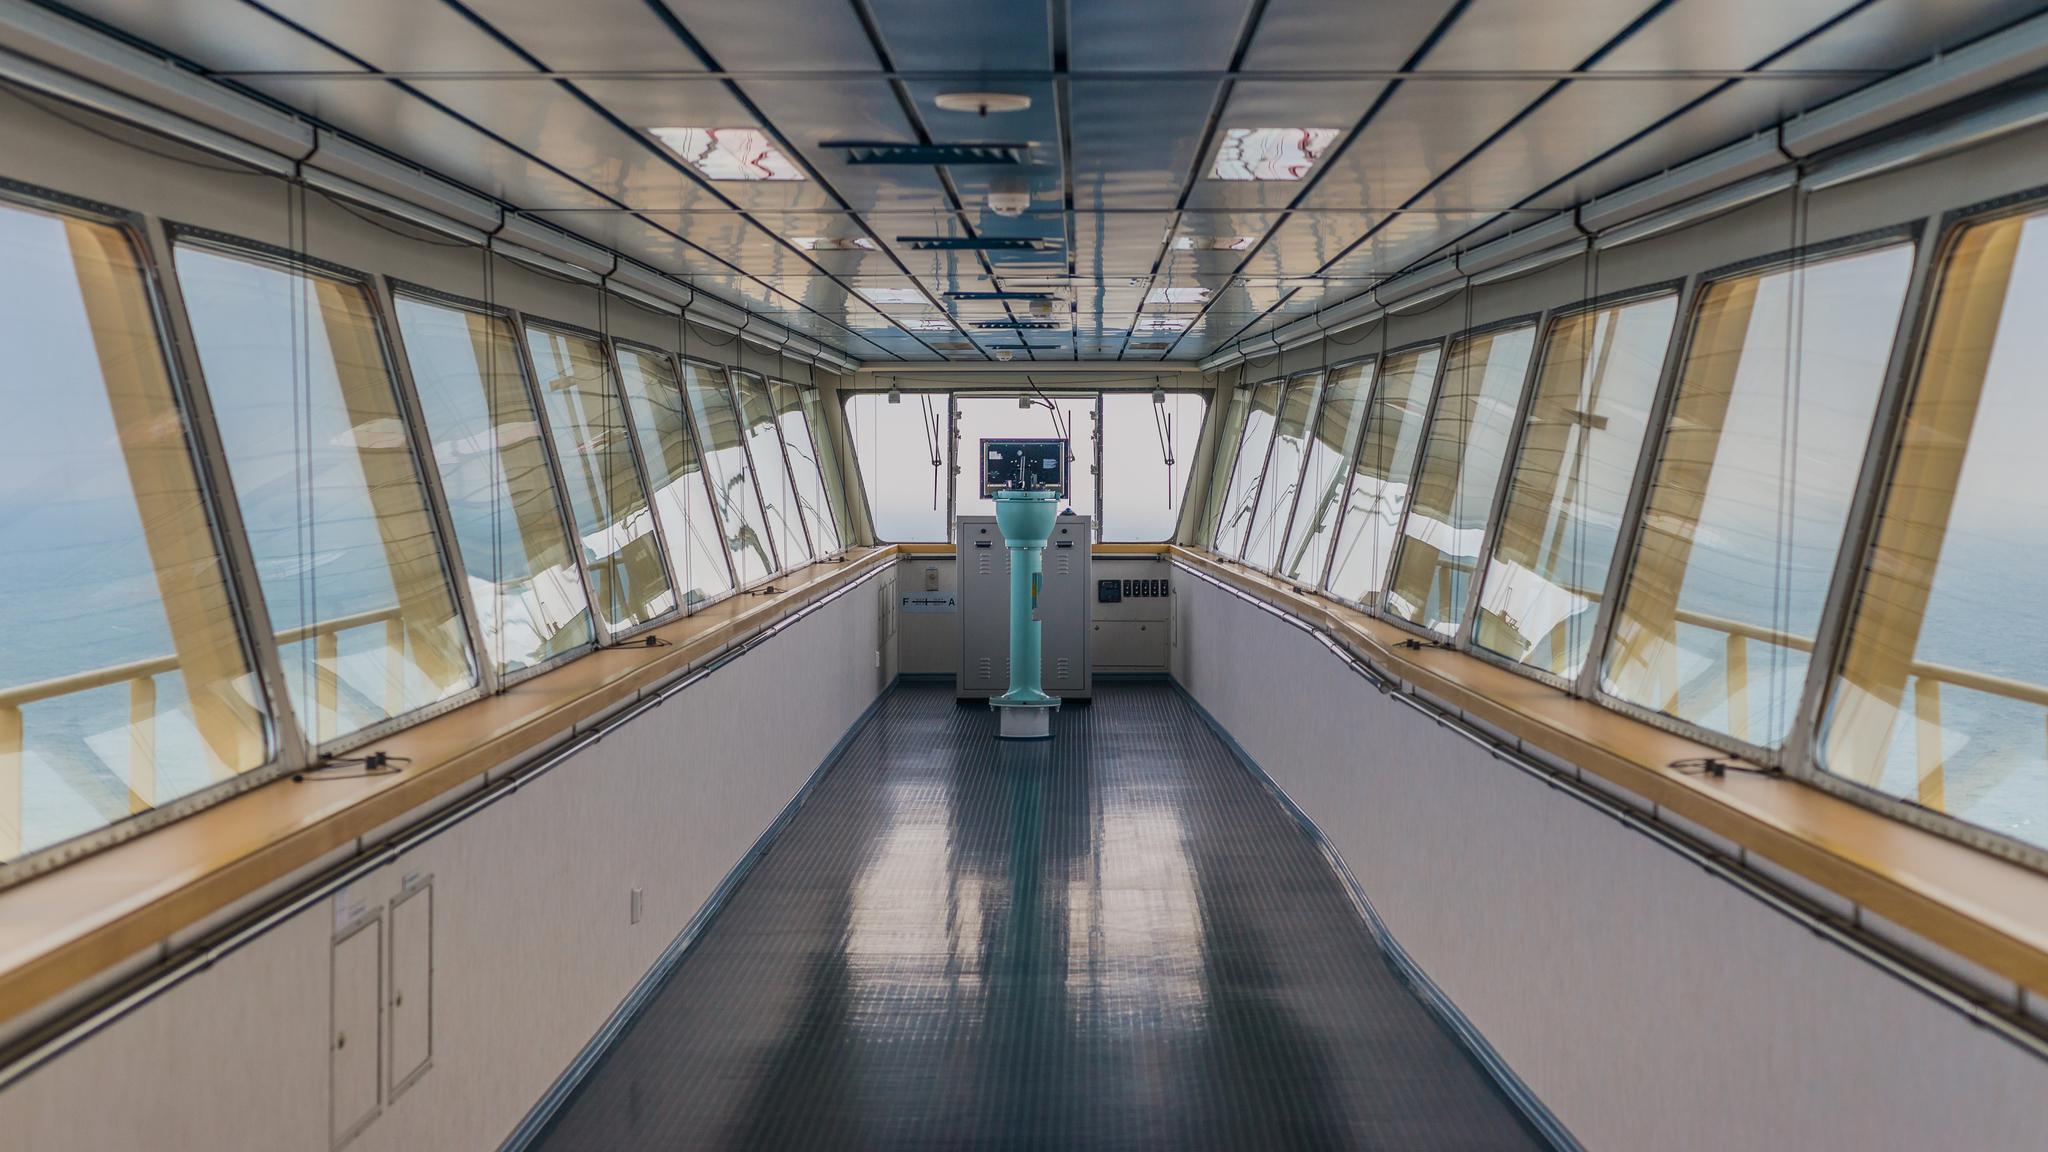 Widok z centralnej części mostka Mayview Maersk na jedną z pomocniczych konsol nawigacyjnych (fot. Robert Urbaniak)